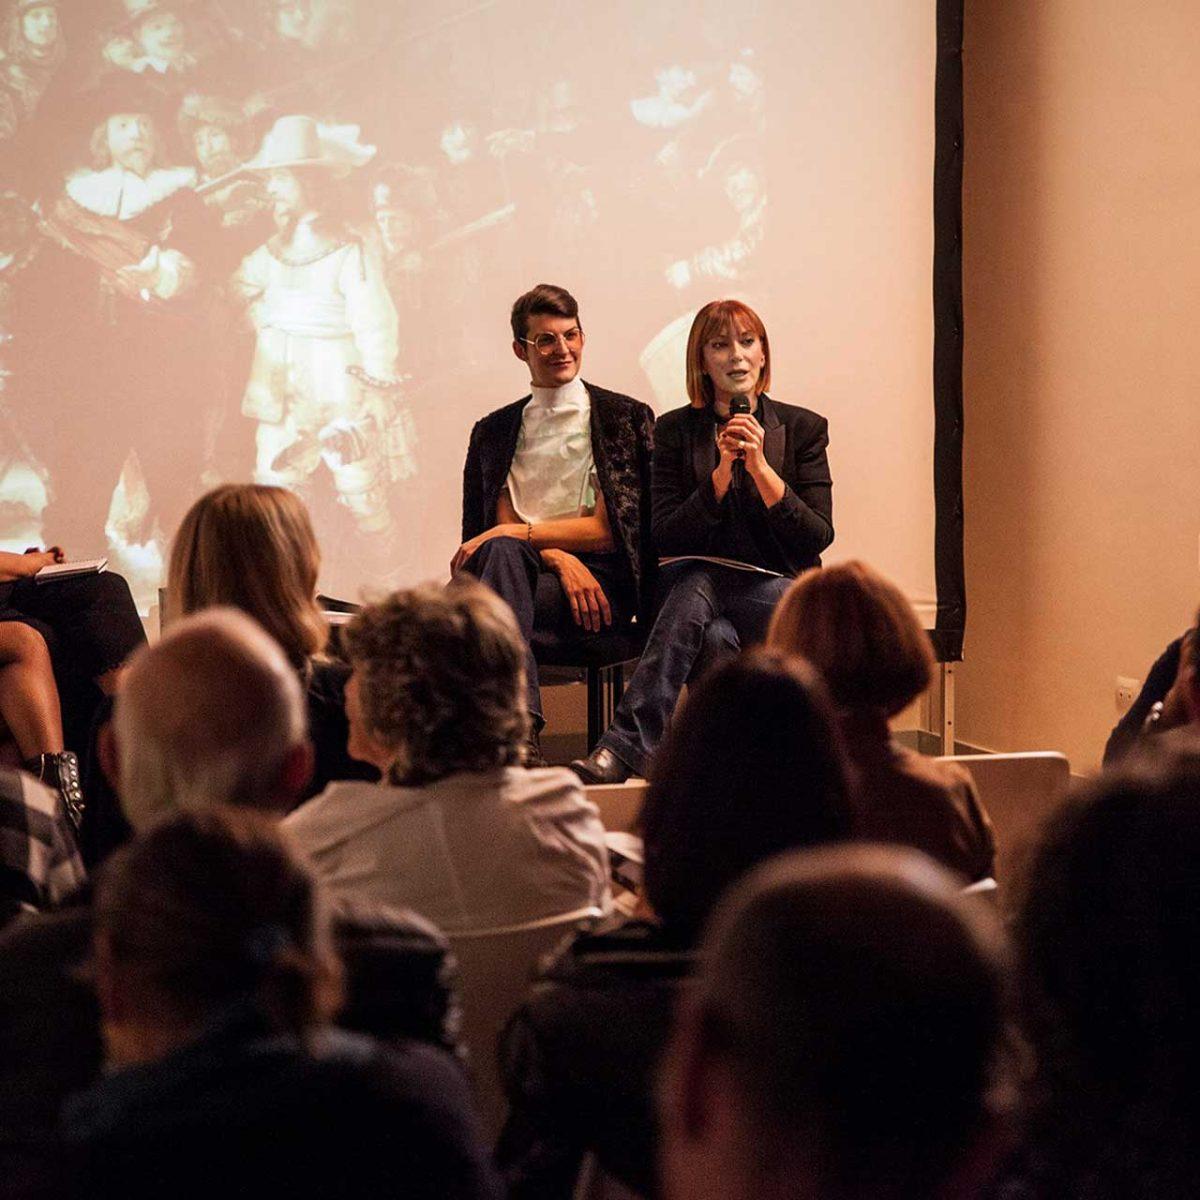 Arte e Moda. incontro con Alberto Audenino - con Carola Barbato, Barbara Cangiano e Fiorella Loffredo